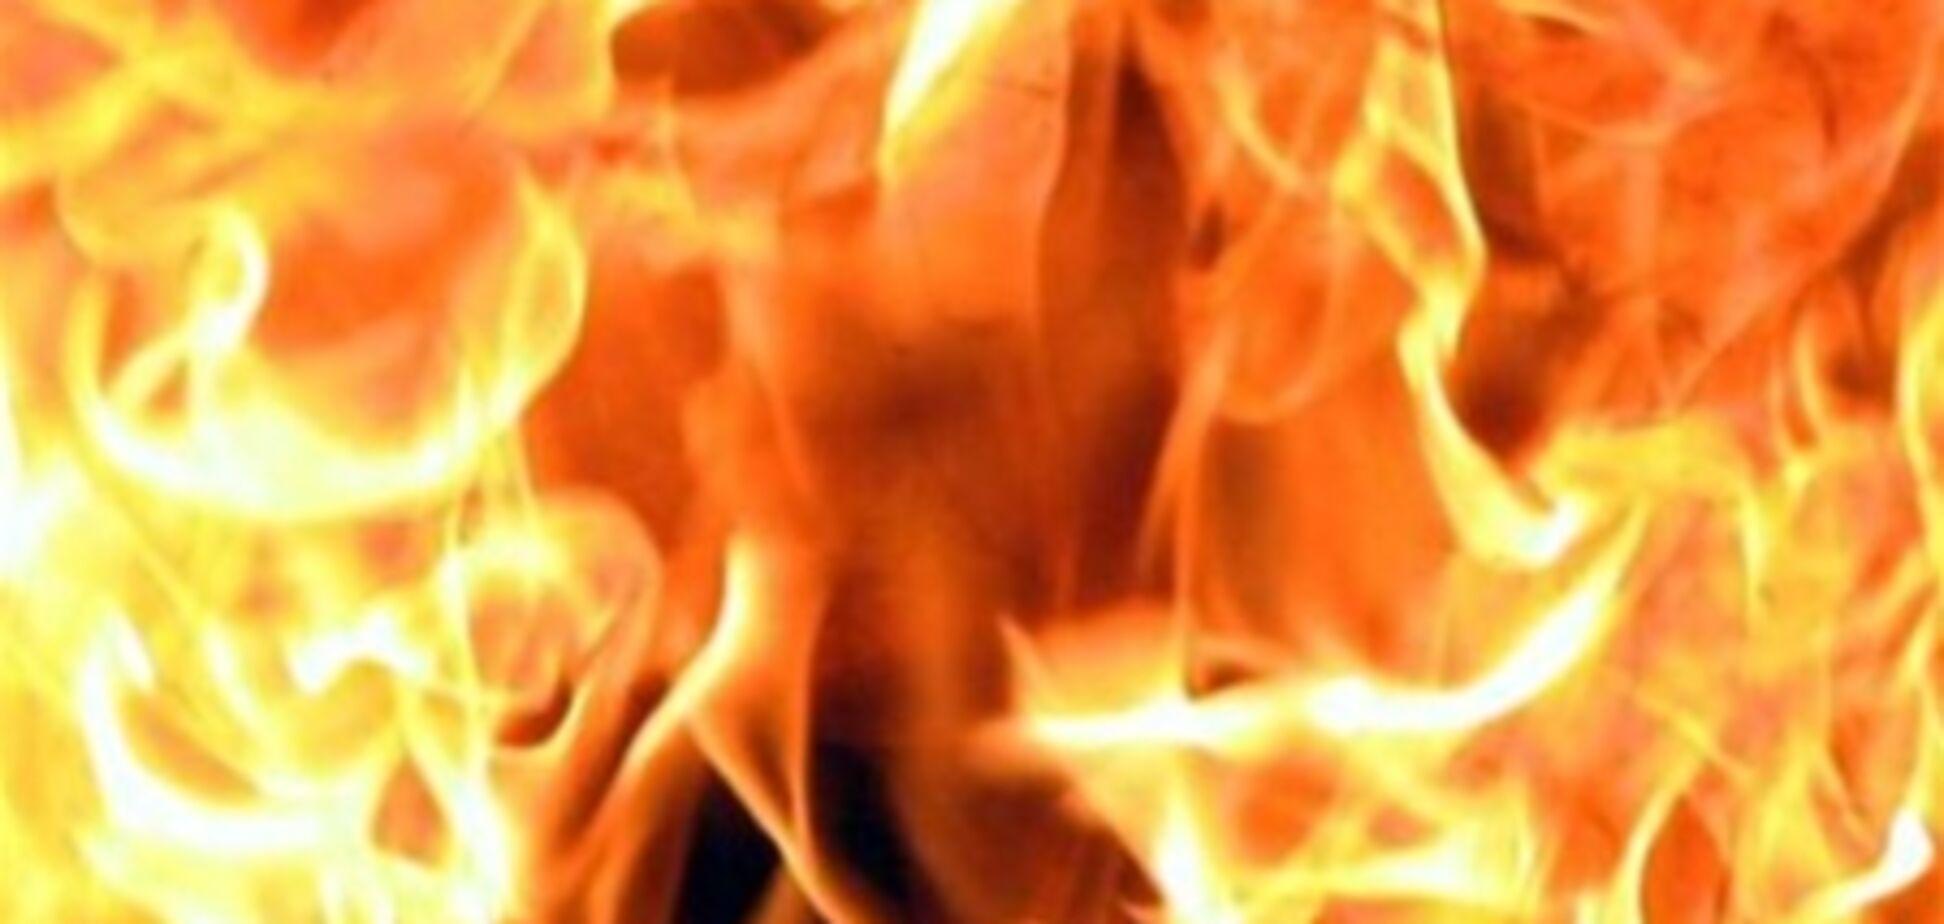 В Одессе пожар унес три человеческие жизни